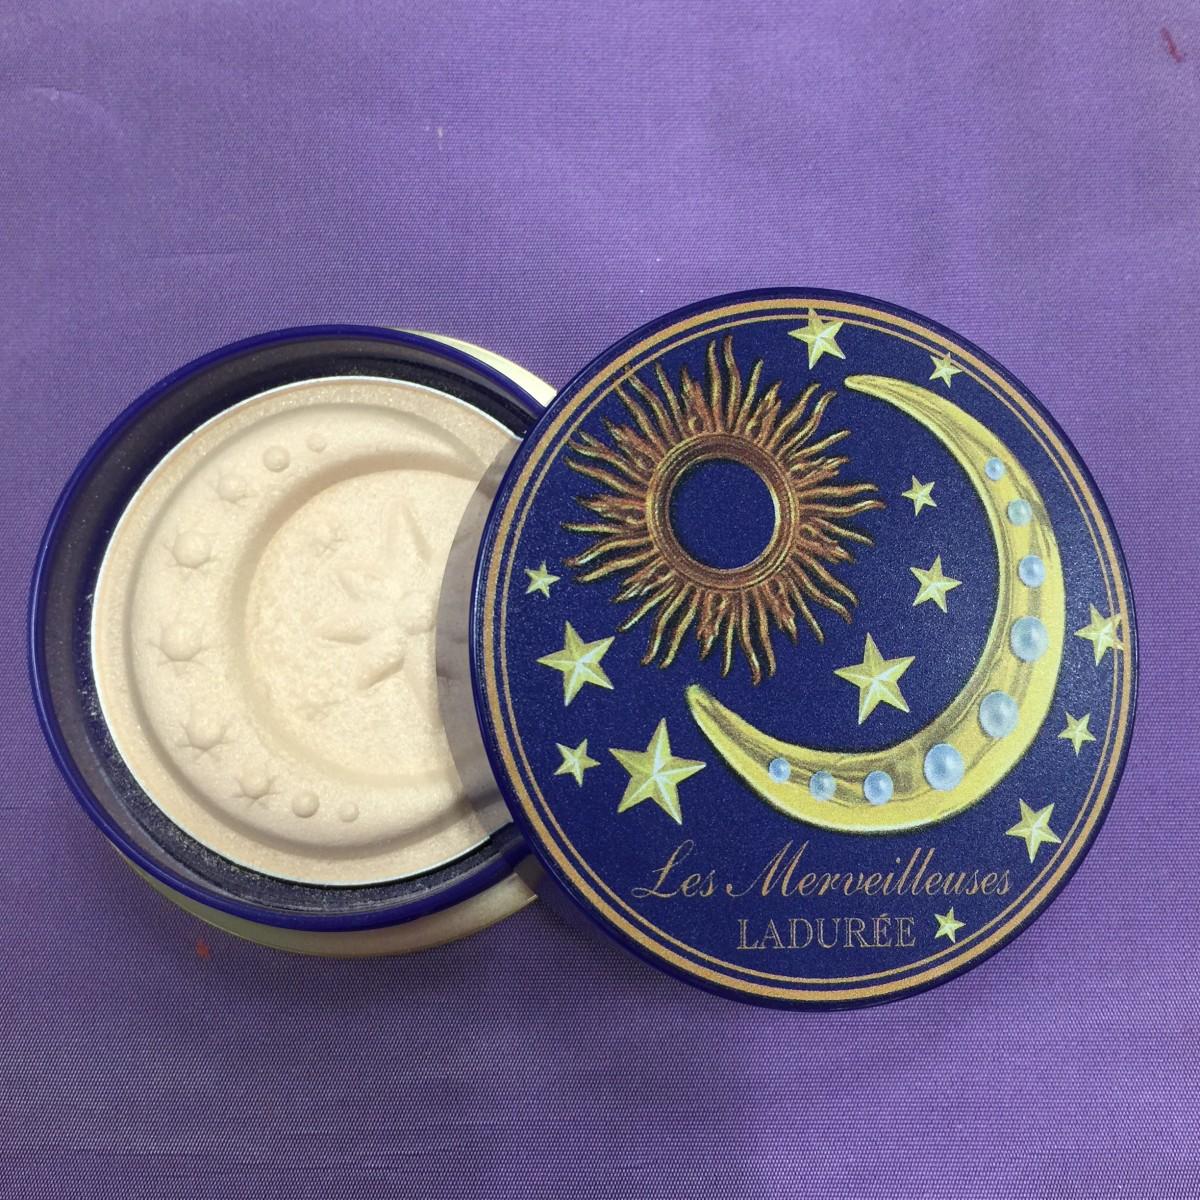 レ・メルヴェイユーズ ラデュレ から月と星の立体モチーフのパウダー限定発売